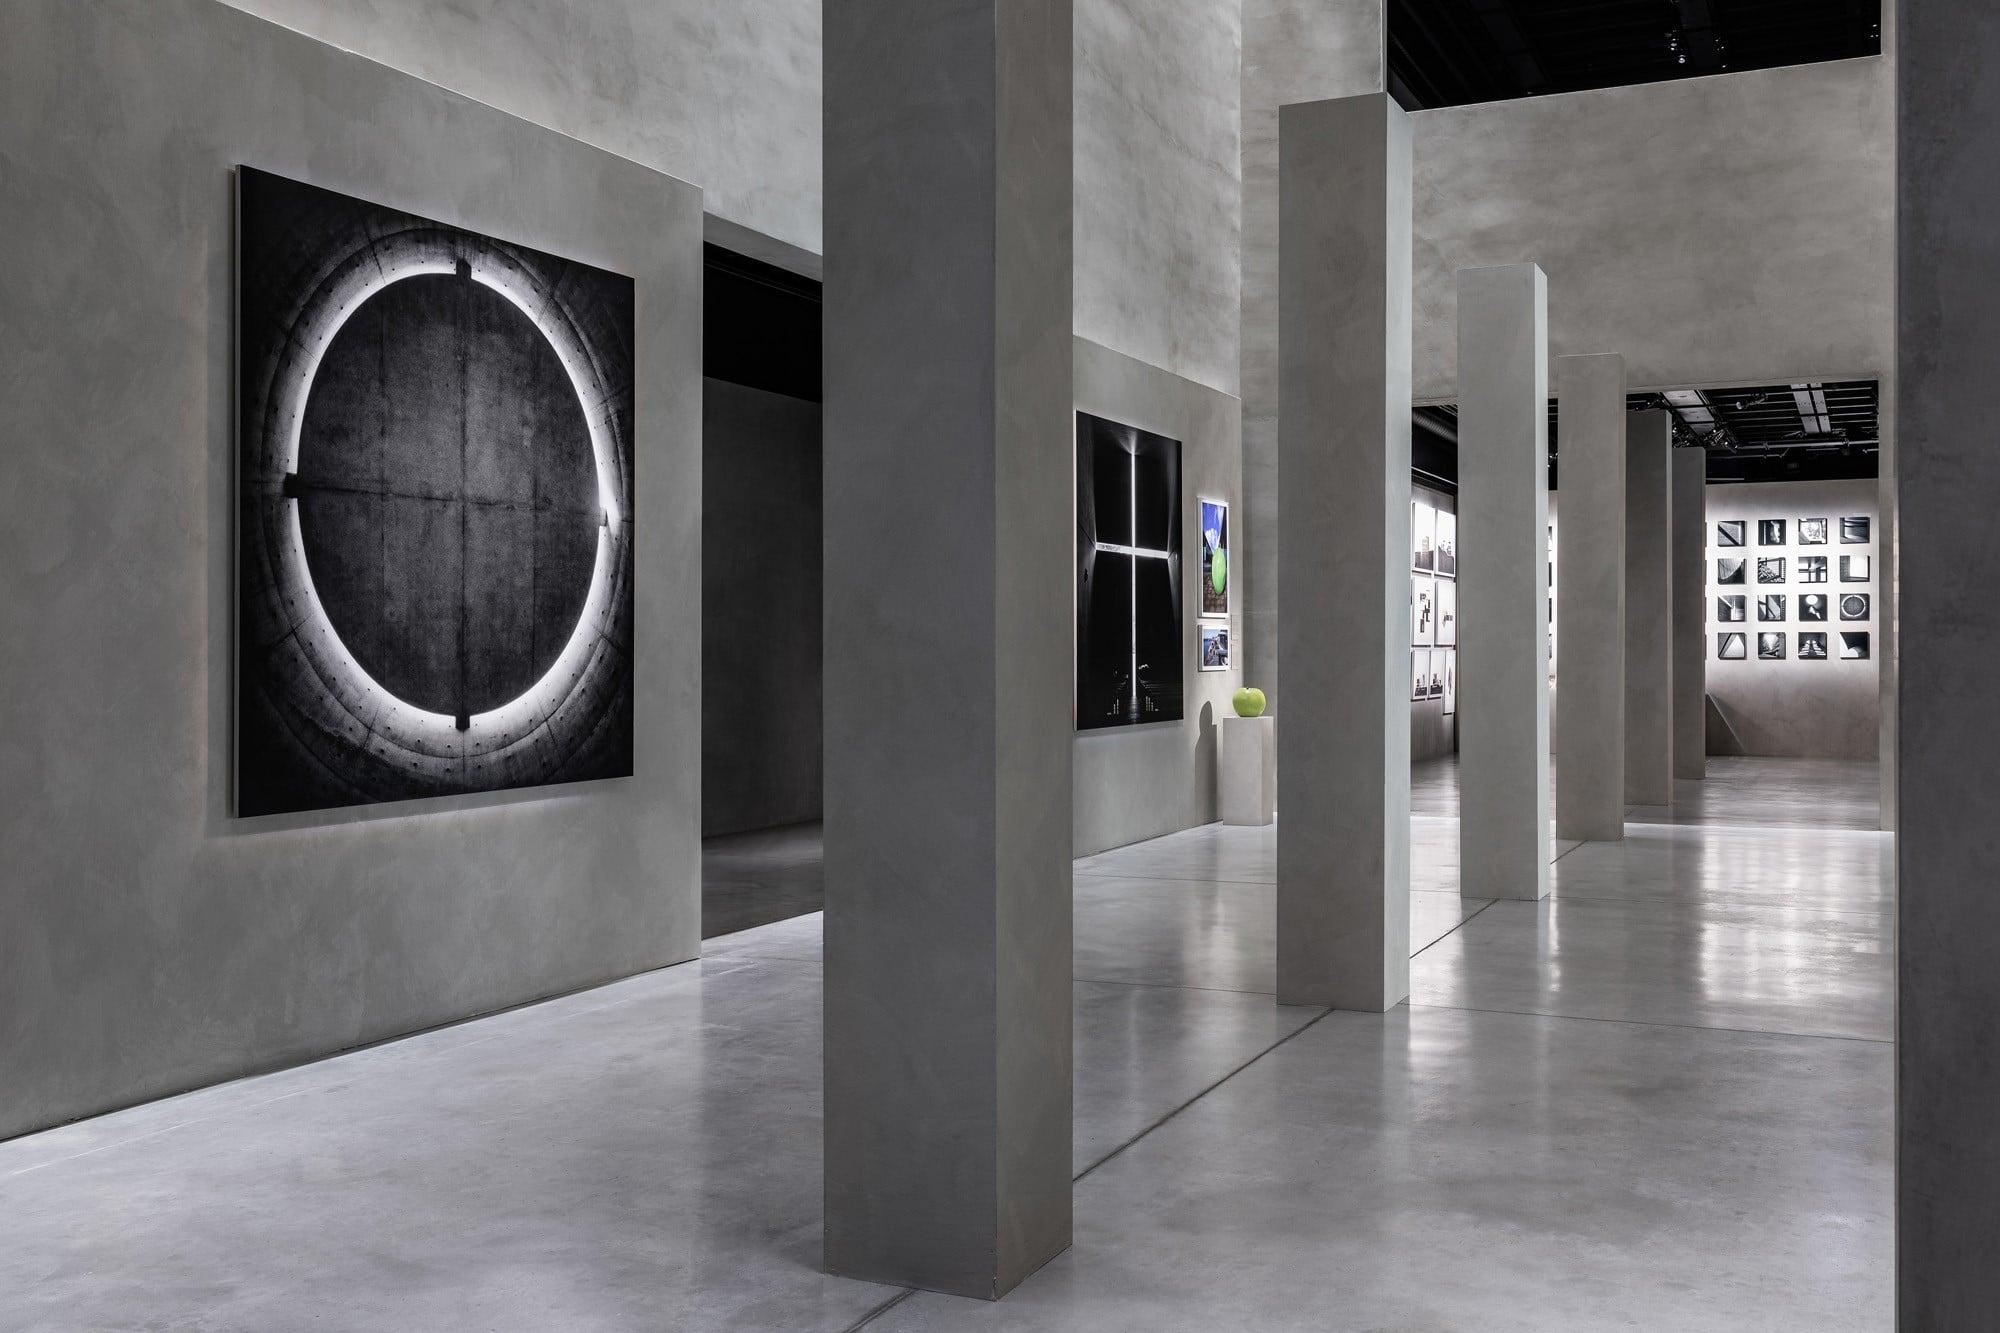 「アルマーニ / テアトロ」以降続く、ジョルジオ・アルマーニとの関係。2019年には「アルマーニ / シーロス」にて、'17年に国立新美術館で開催された「安藤忠雄展―挑戦―」と、これを再構成して'18年にポンピドゥー・センターで開催された「Le Défi」をもとにした「Tadao Ando. The Challenge」を開催した。Photography by © TADAO ANDO ARCHITECT & ASSOCIATES